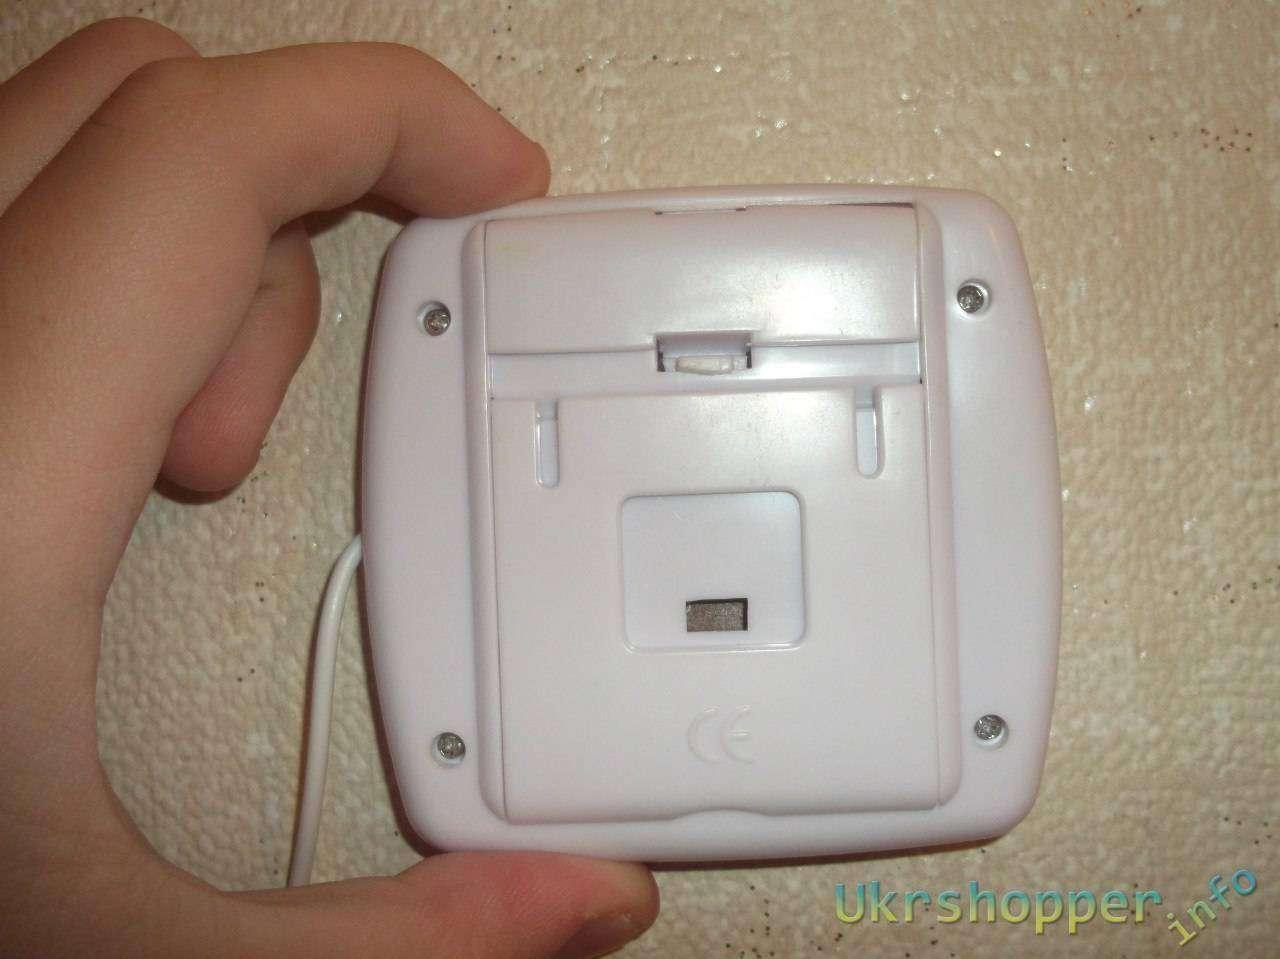 TinyDeal: Цифровой термометр с выносным датчиком (более продвинутая модель)